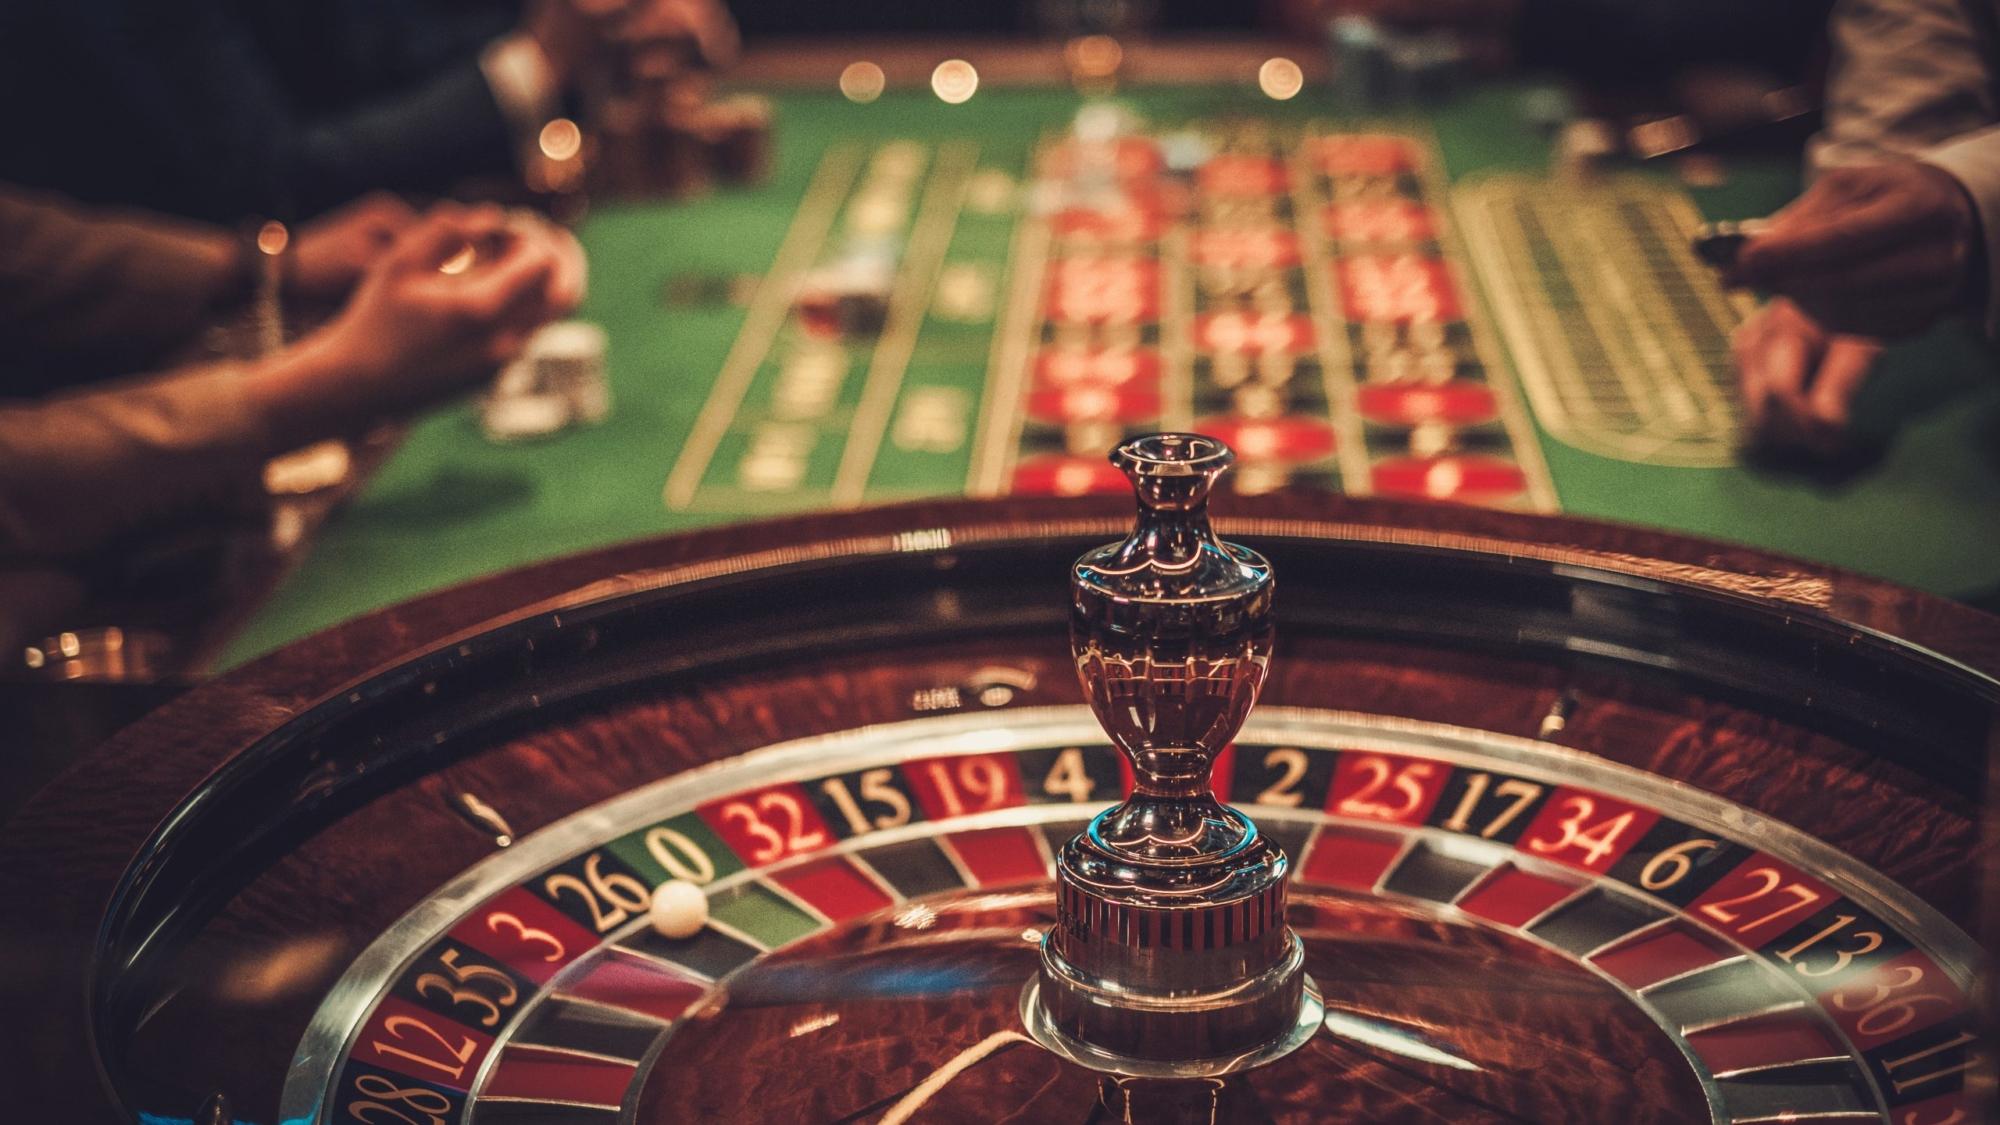 據報導指出,澳門博弈產業5月份的營收稍稍回溫,傳出與一名台灣賭客有關。(示意圖)